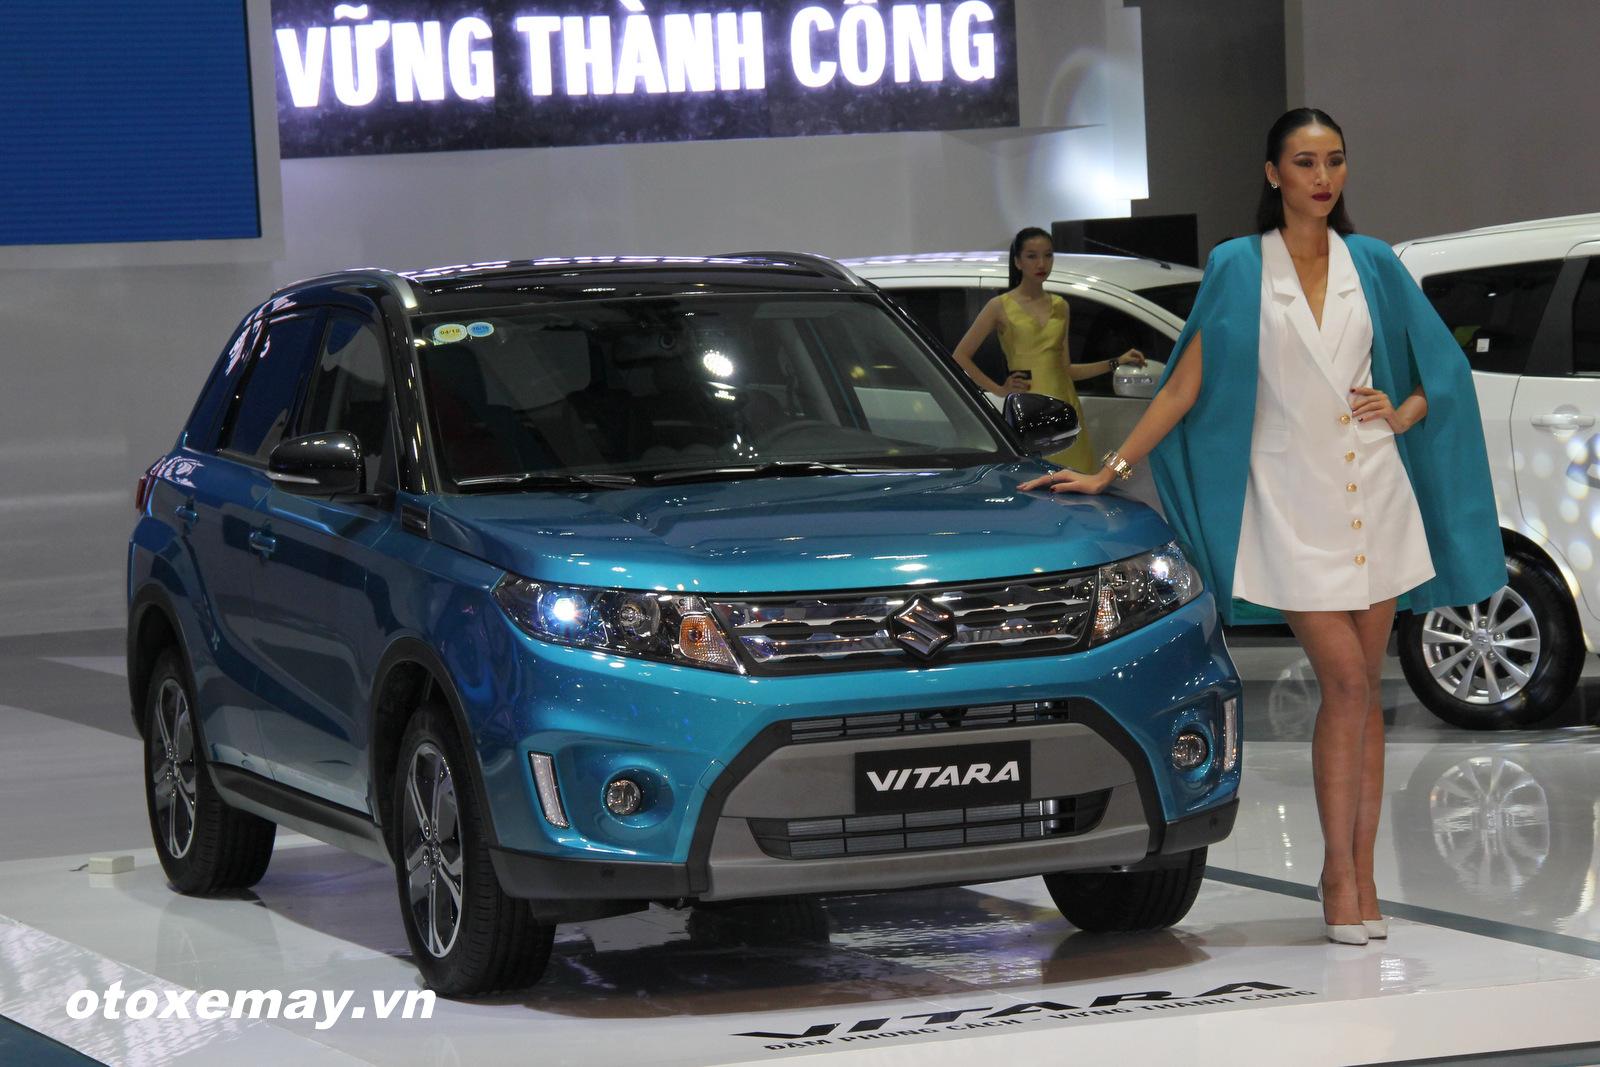 triển lãm ô tô việt nam 2015 (Vms 2015)- Xe Suzuki Viatara - ảnh 2